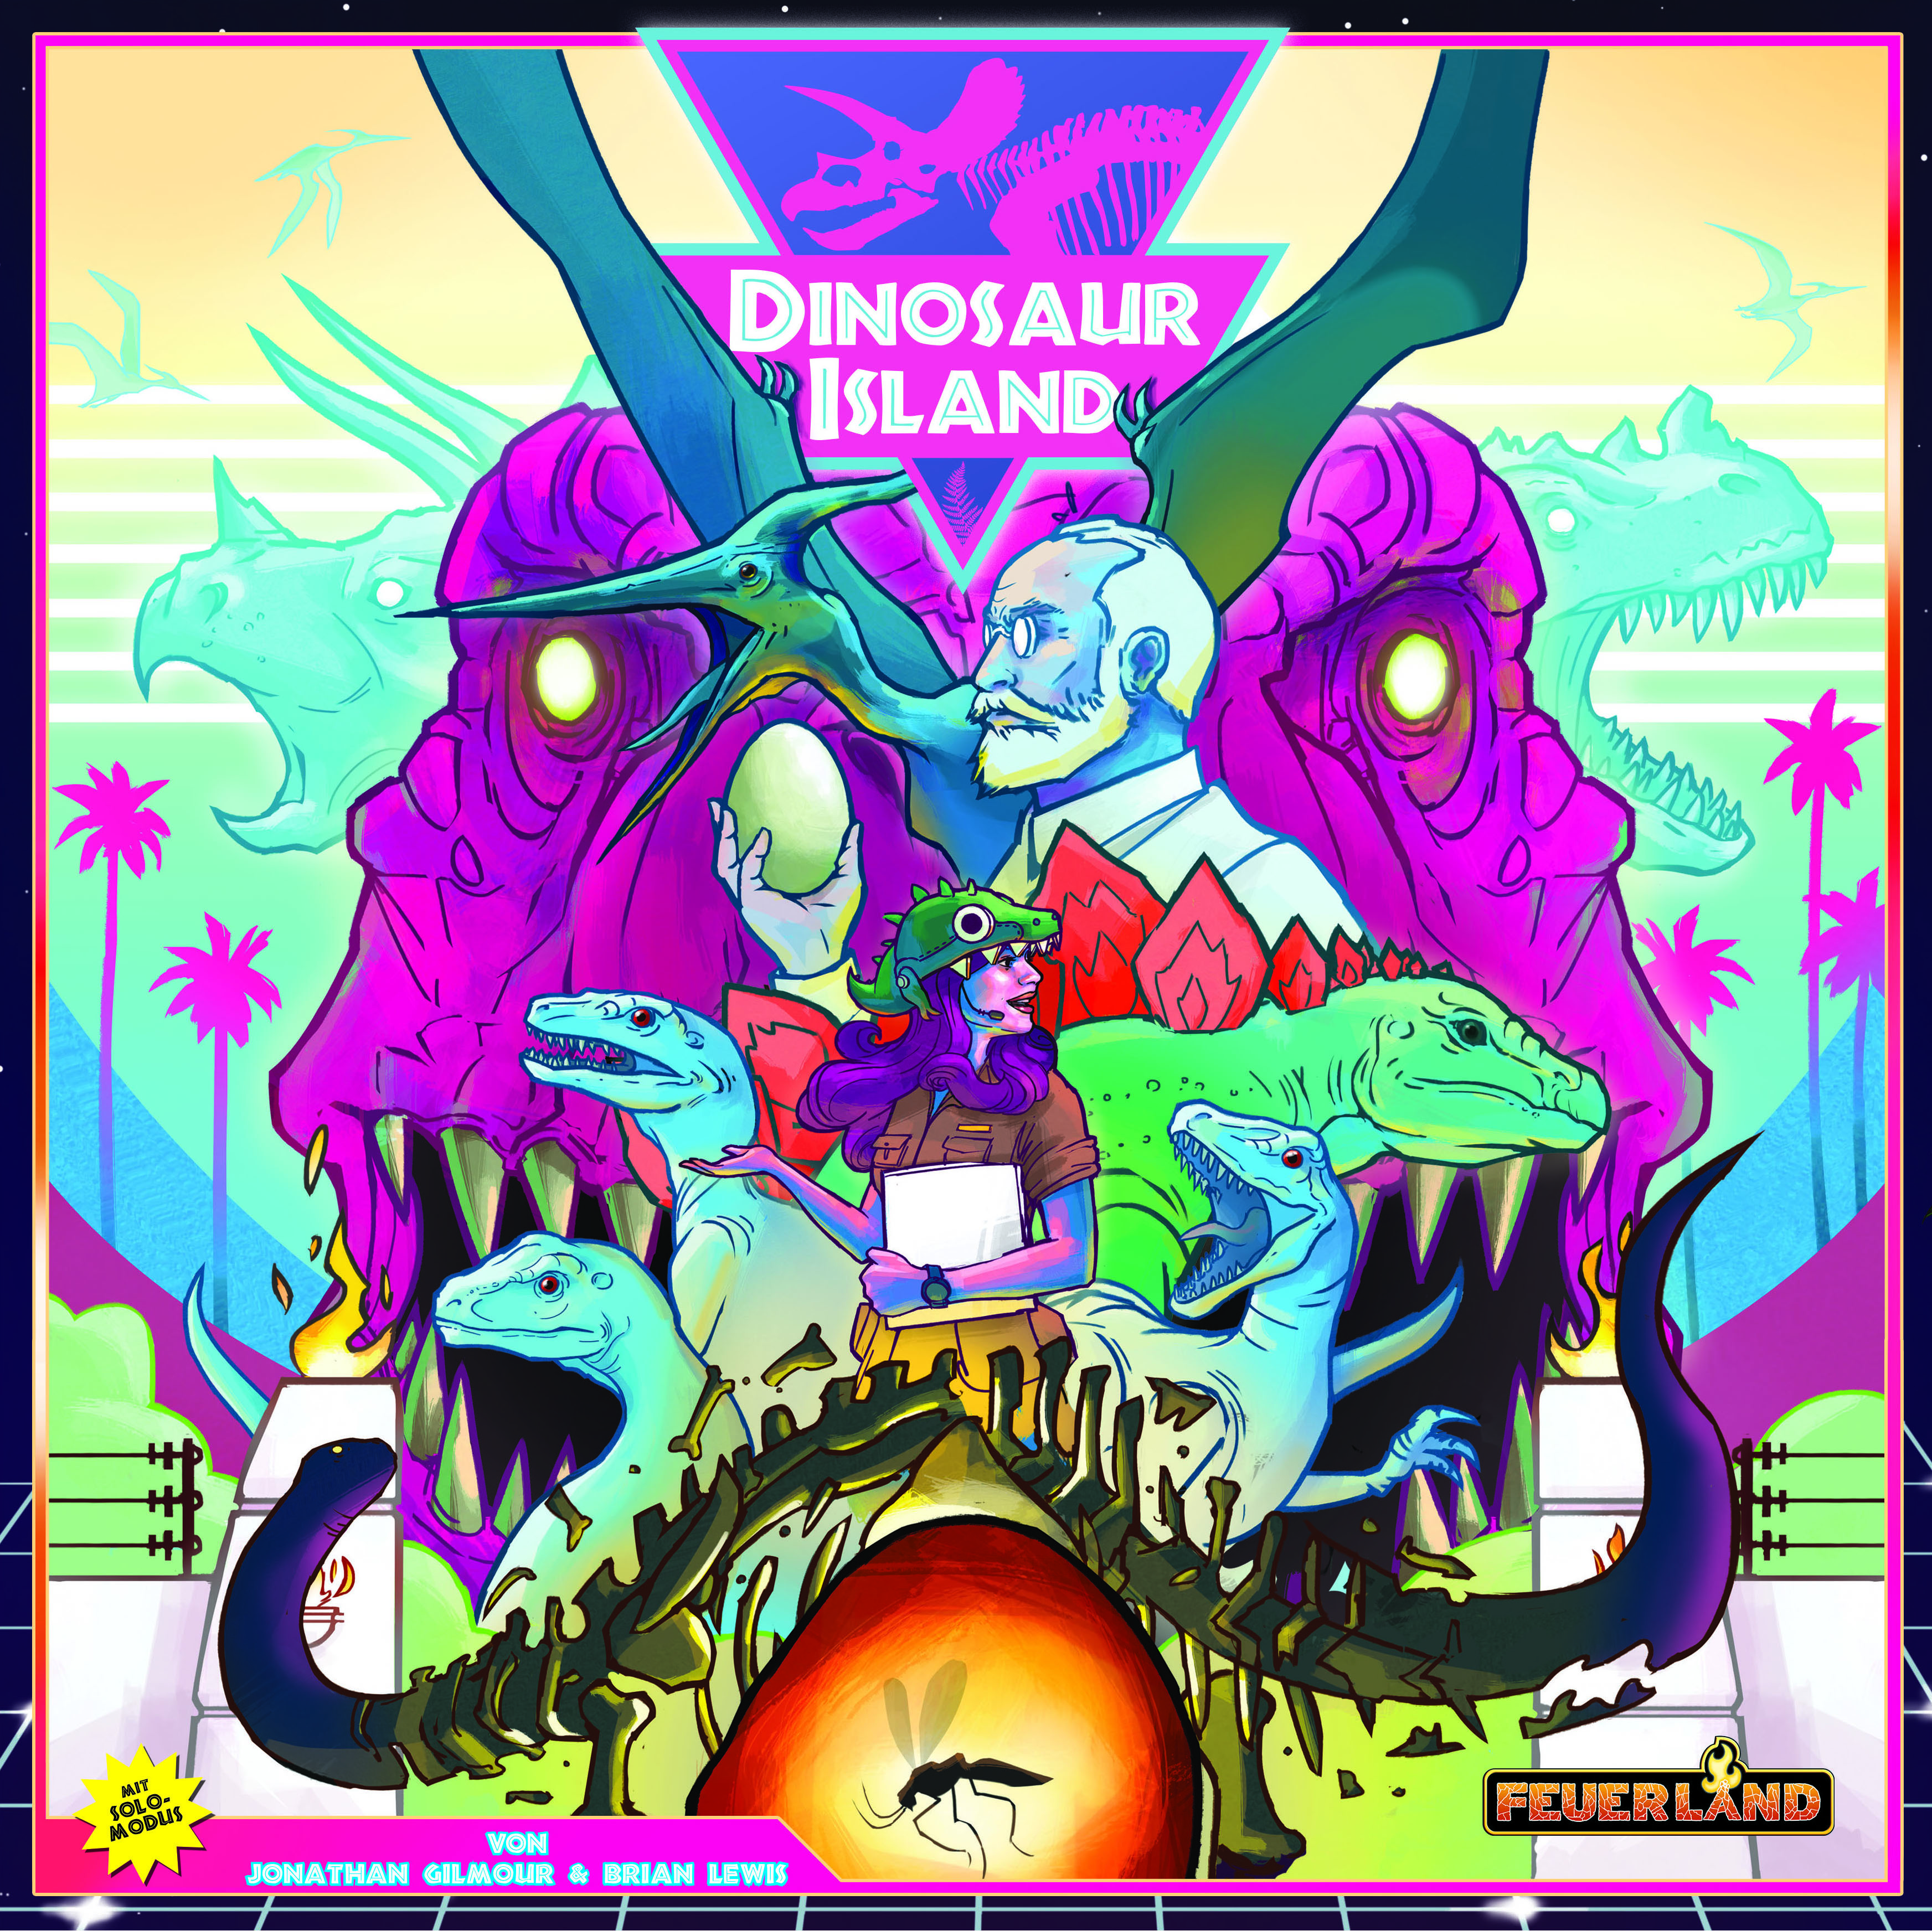 Dinosaur Island Cover - Feuerland Spiele